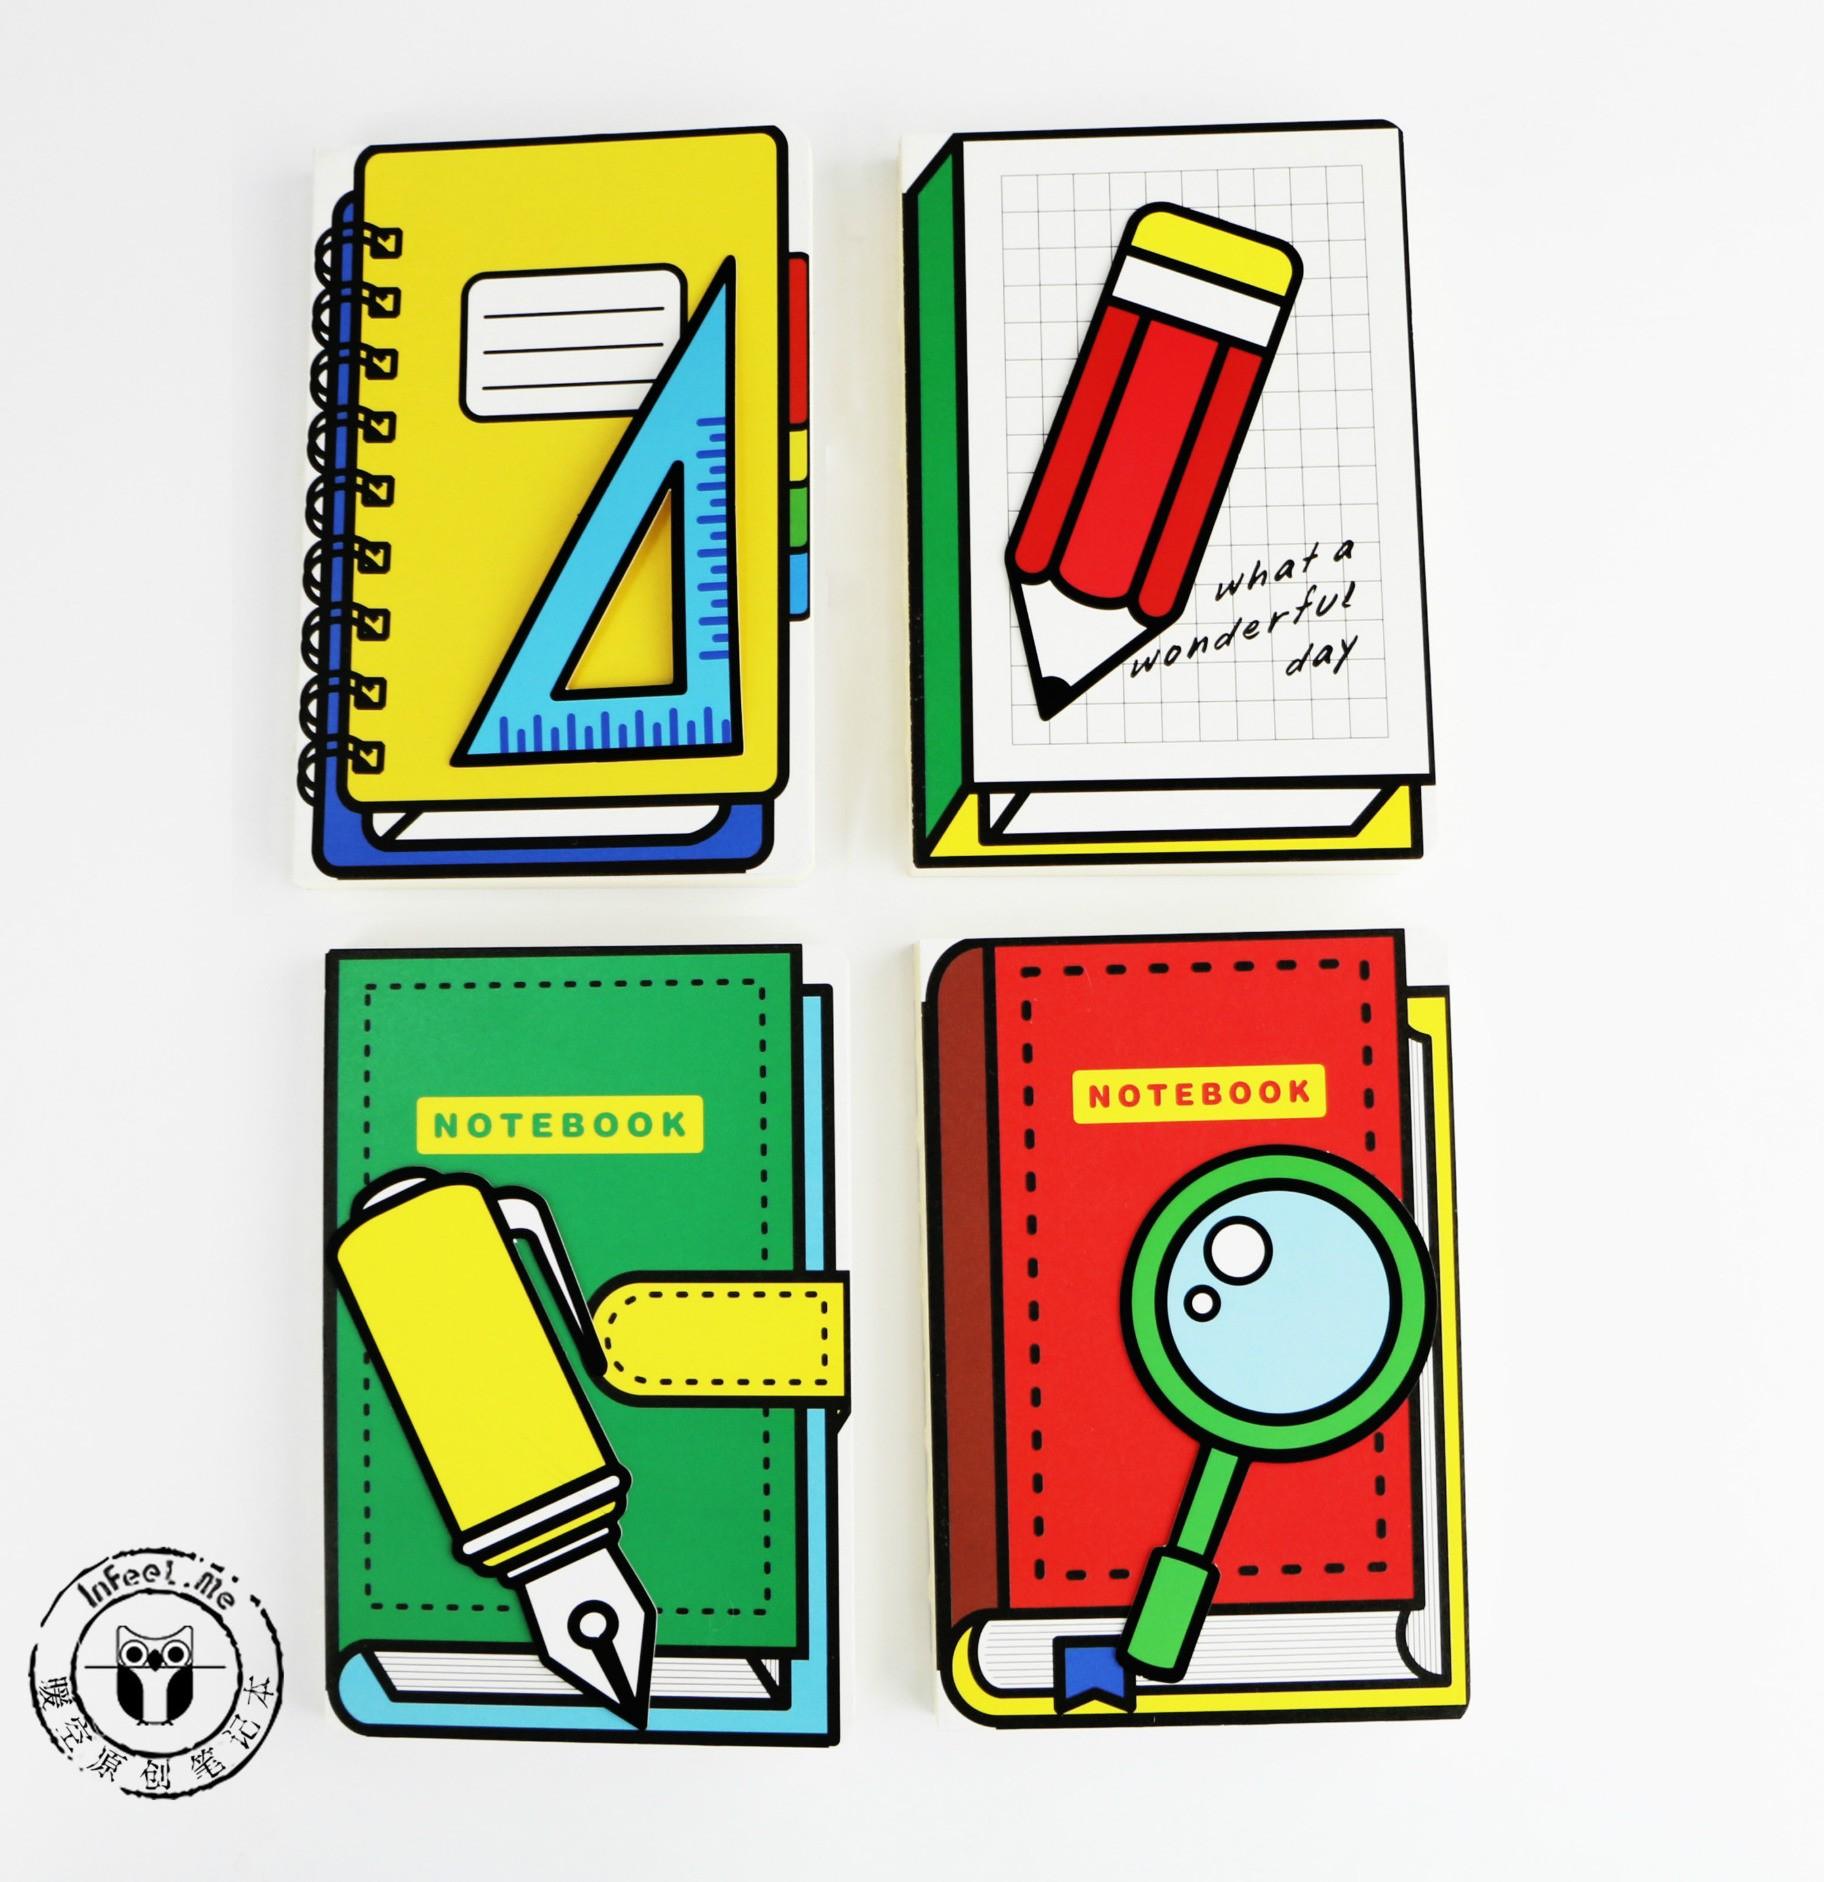 Calendario Para Imprimir 2019 Escolar Más Arriba-a-fecha ᗑelemento Cuadrática De Escritorio Creativos štiles Escolares Of Calendario Para Imprimir 2019 Escolar Más Reciente Resultado De Imagen Para Imprimible Hojas De Agenda